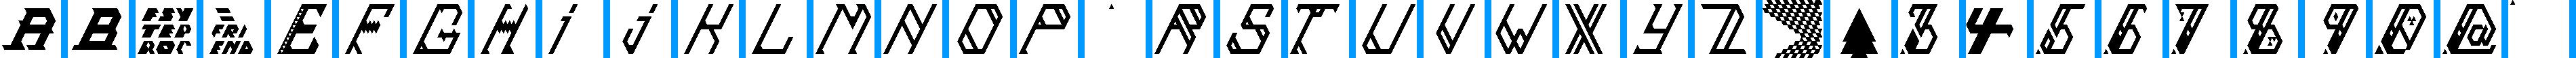 Particip-a-type v.349